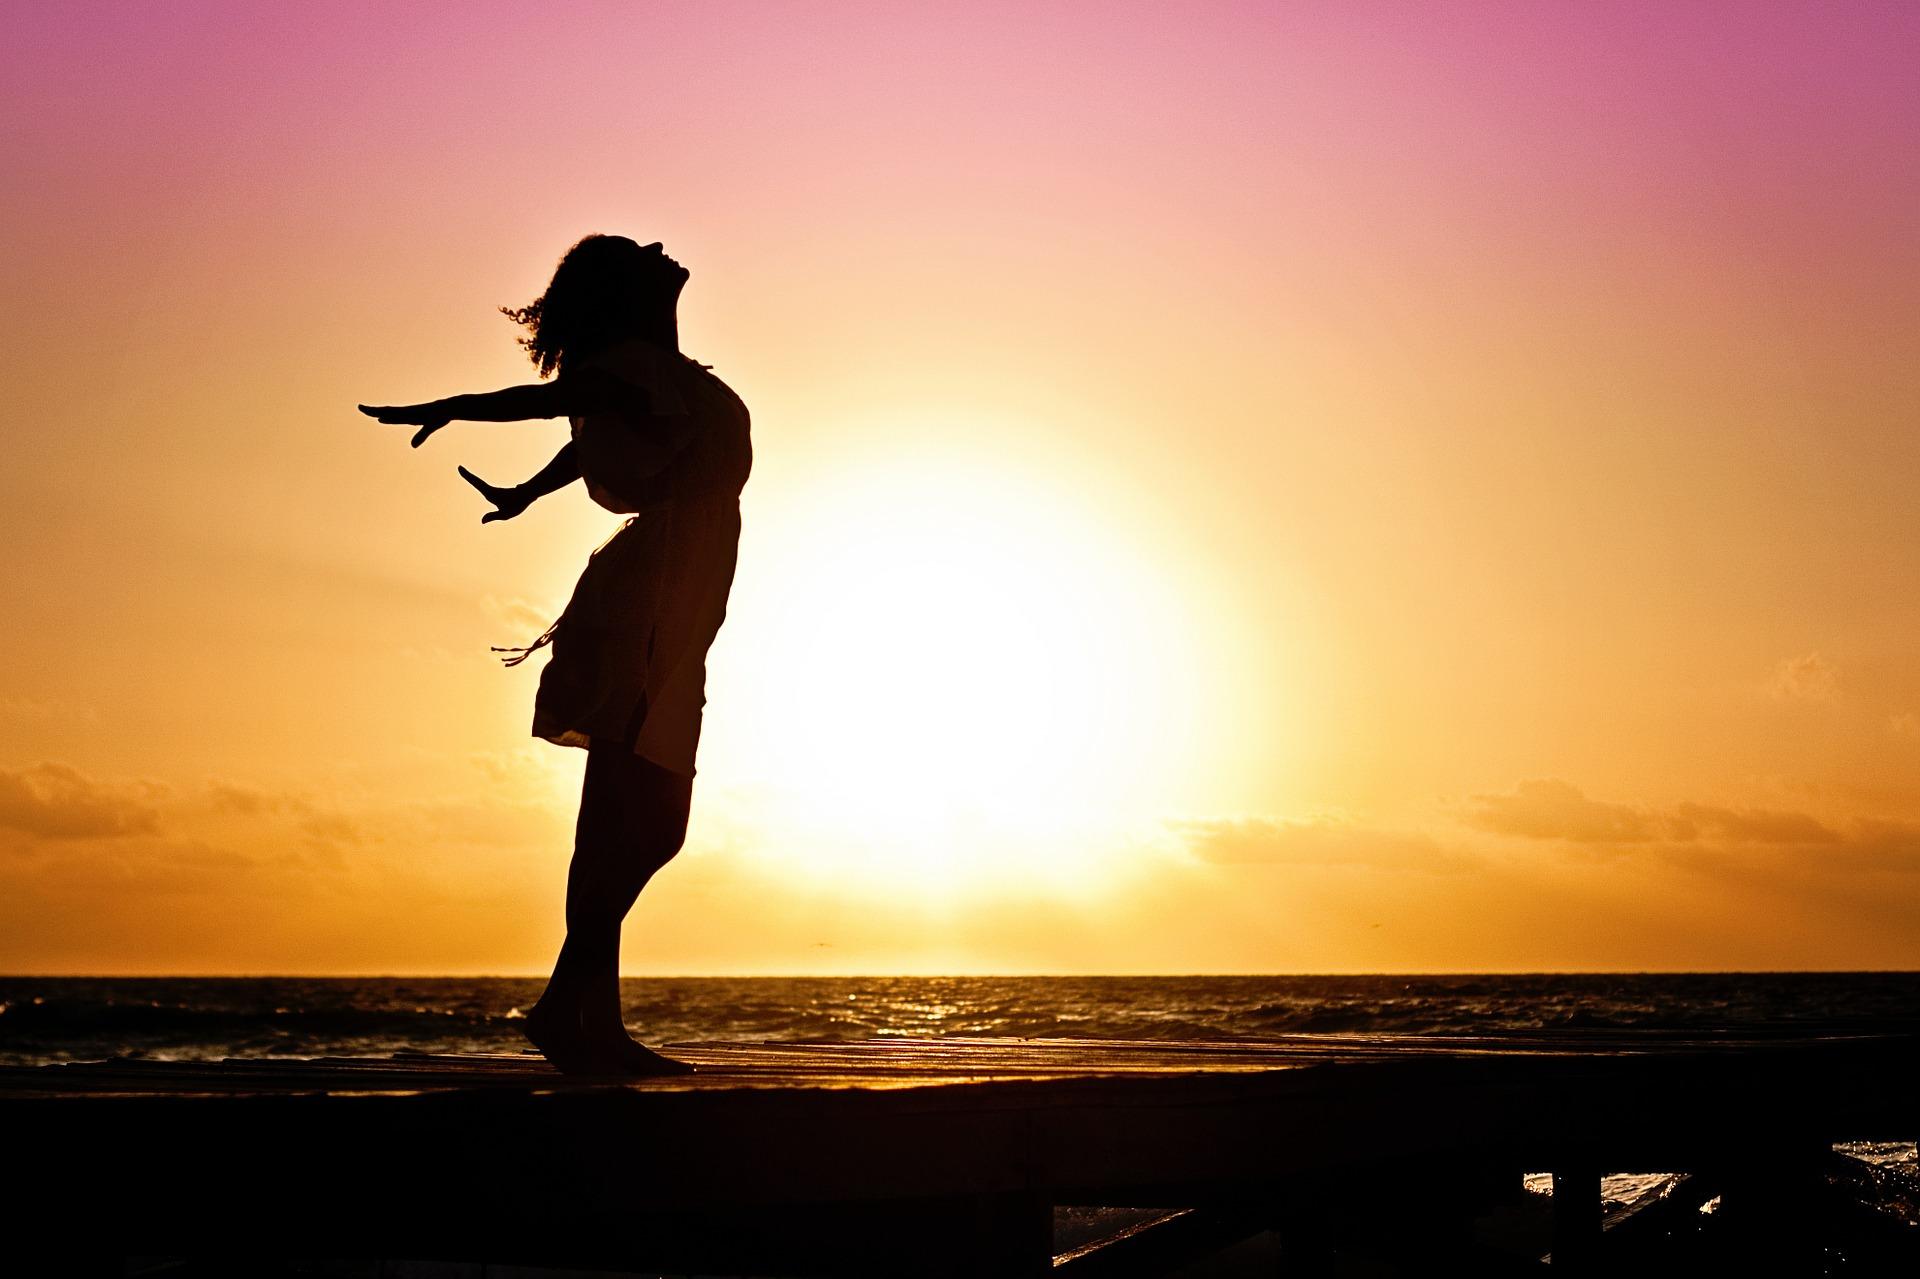 Být sám sebou znamená být svobodný. (Public Domain)